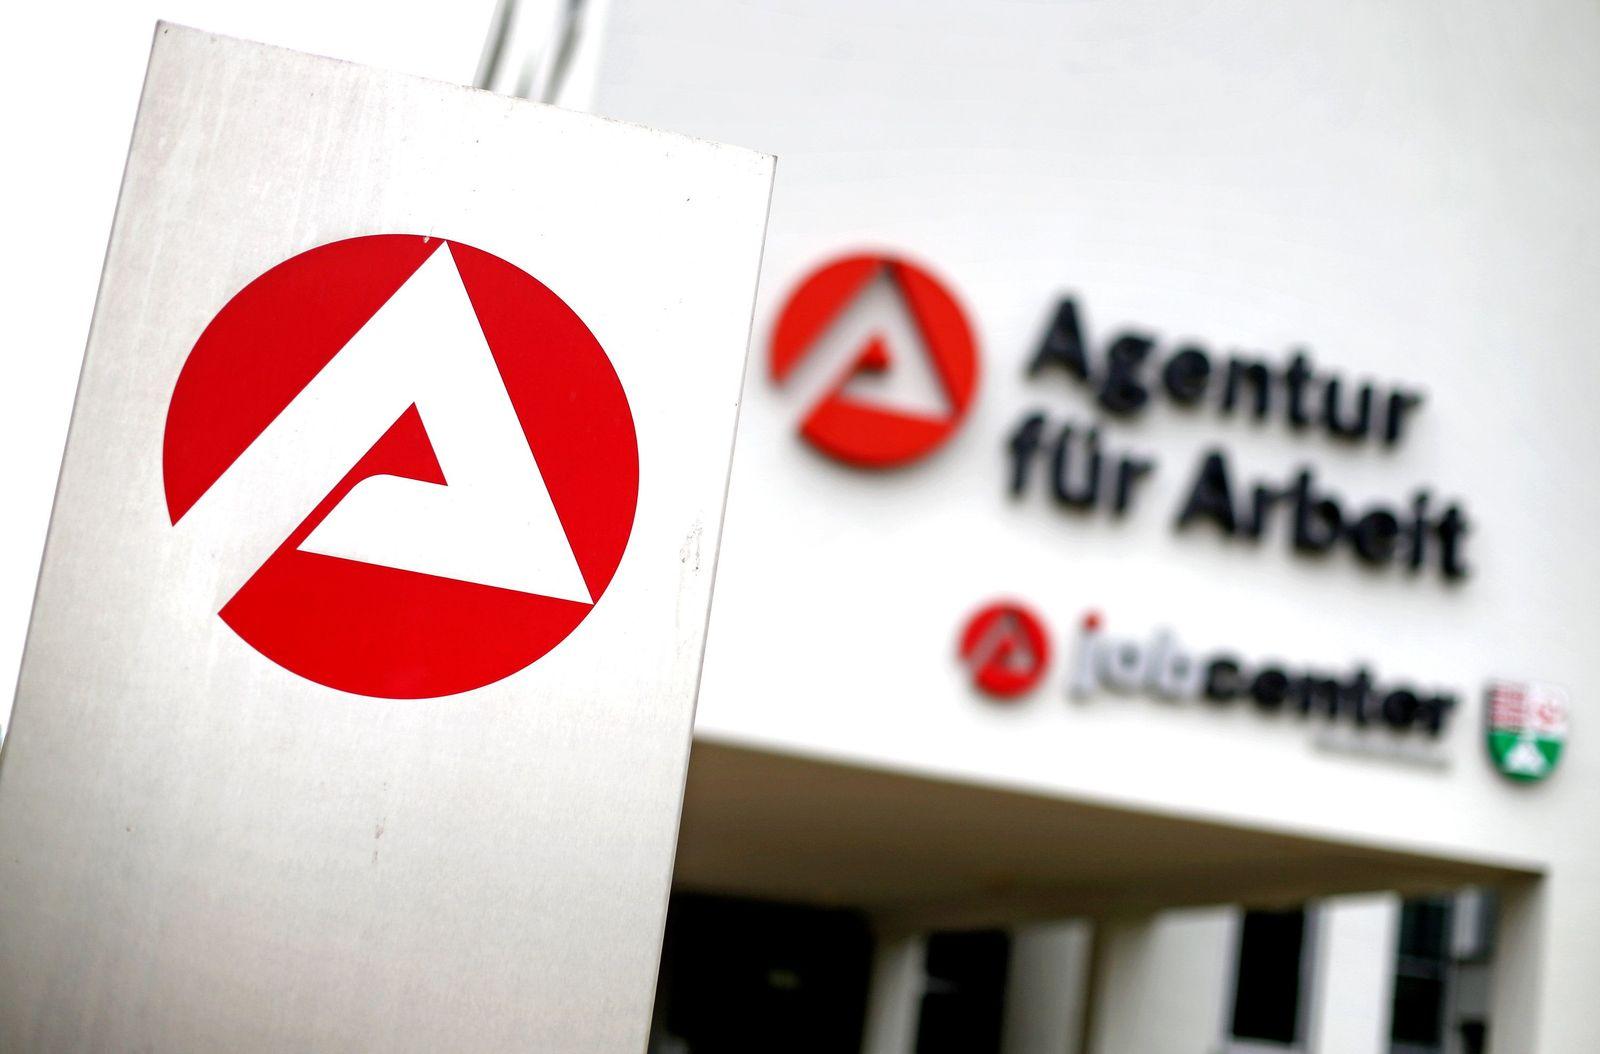 Agentur für Arbeit Sangerhausen